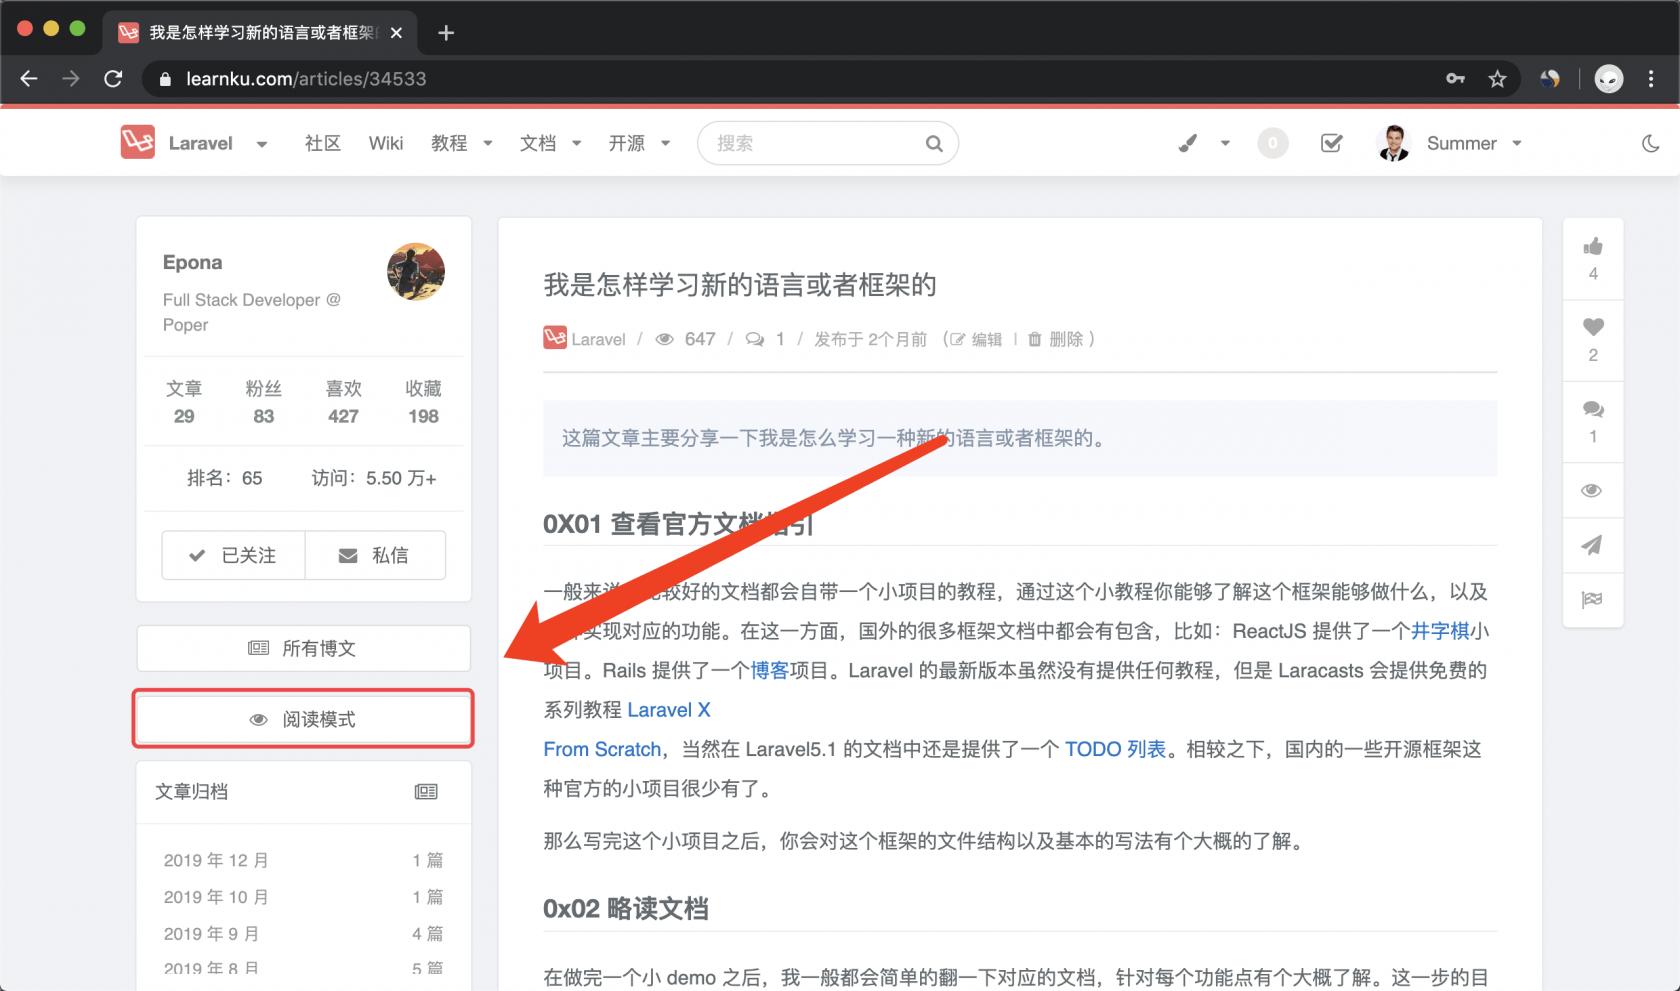 新功能:博客阅读模式